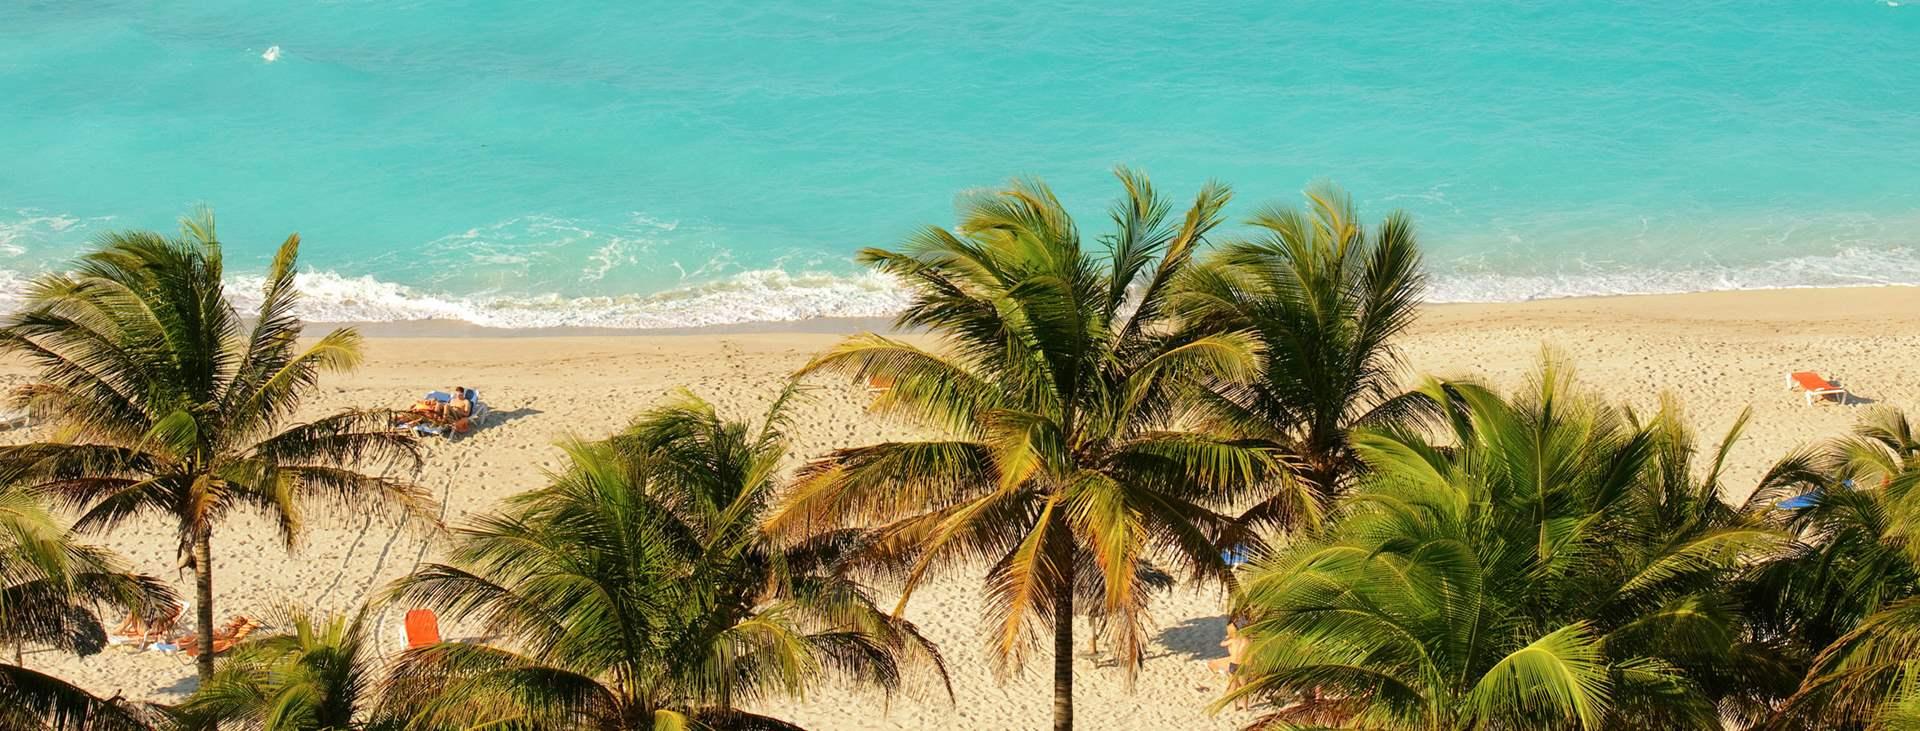 Boka en resa till Kuba med flyg och hotell